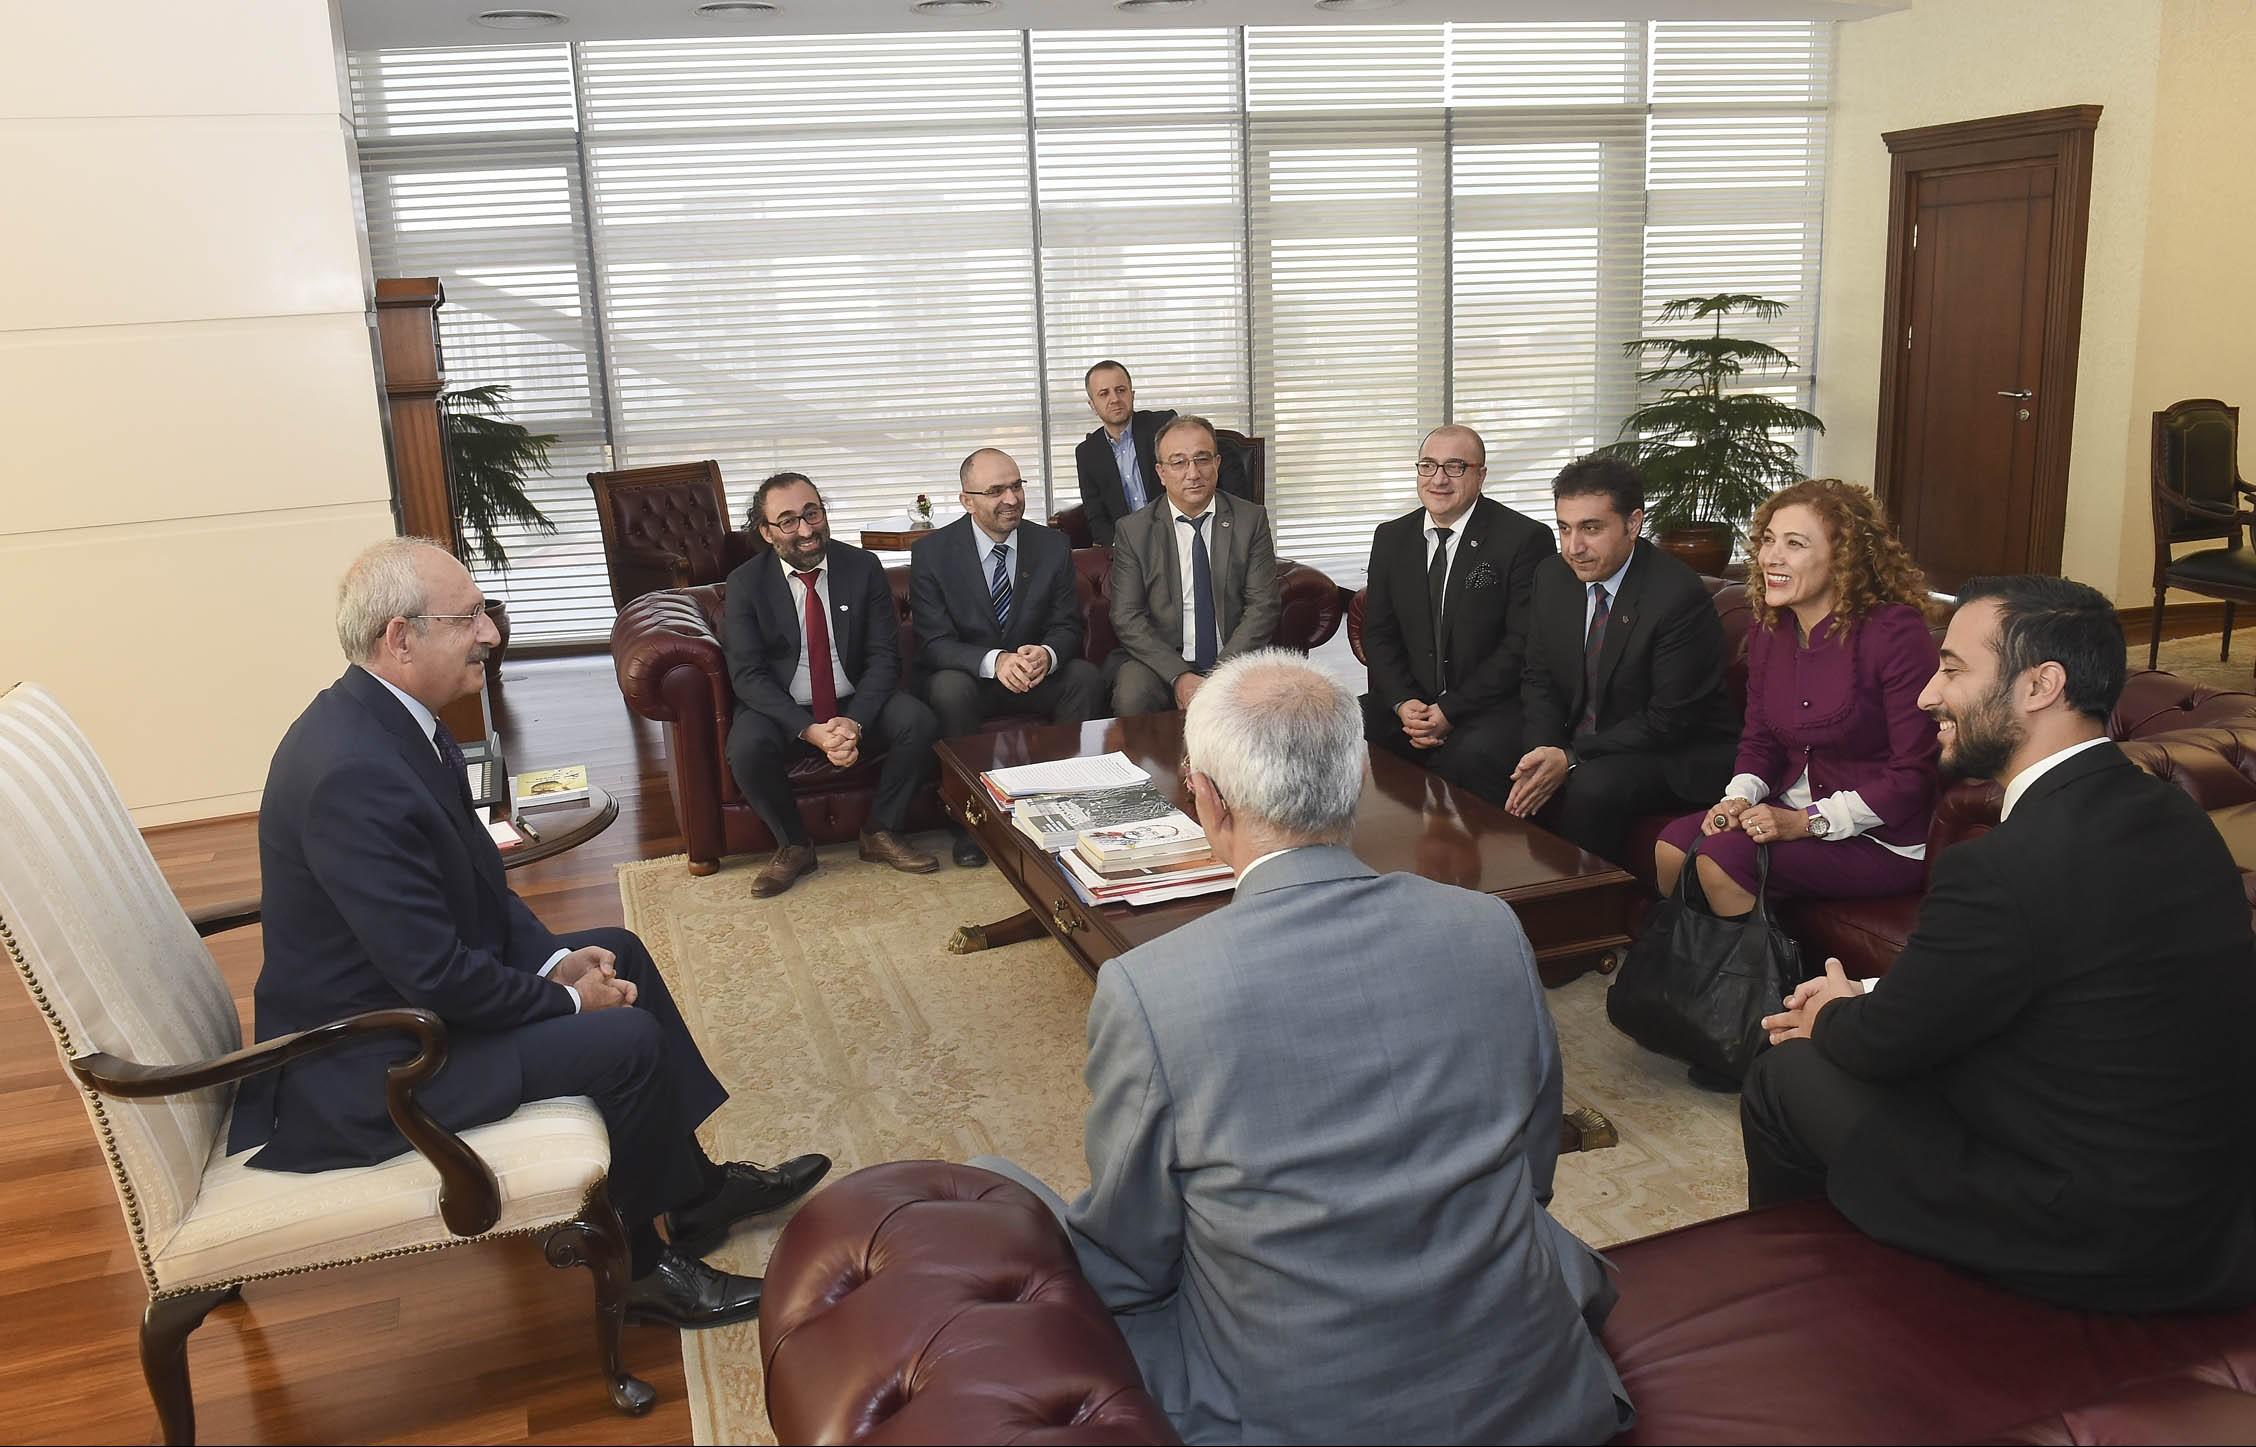 Kılıçdaroğlu, Yön Radyo yöneticileriyle görüştü